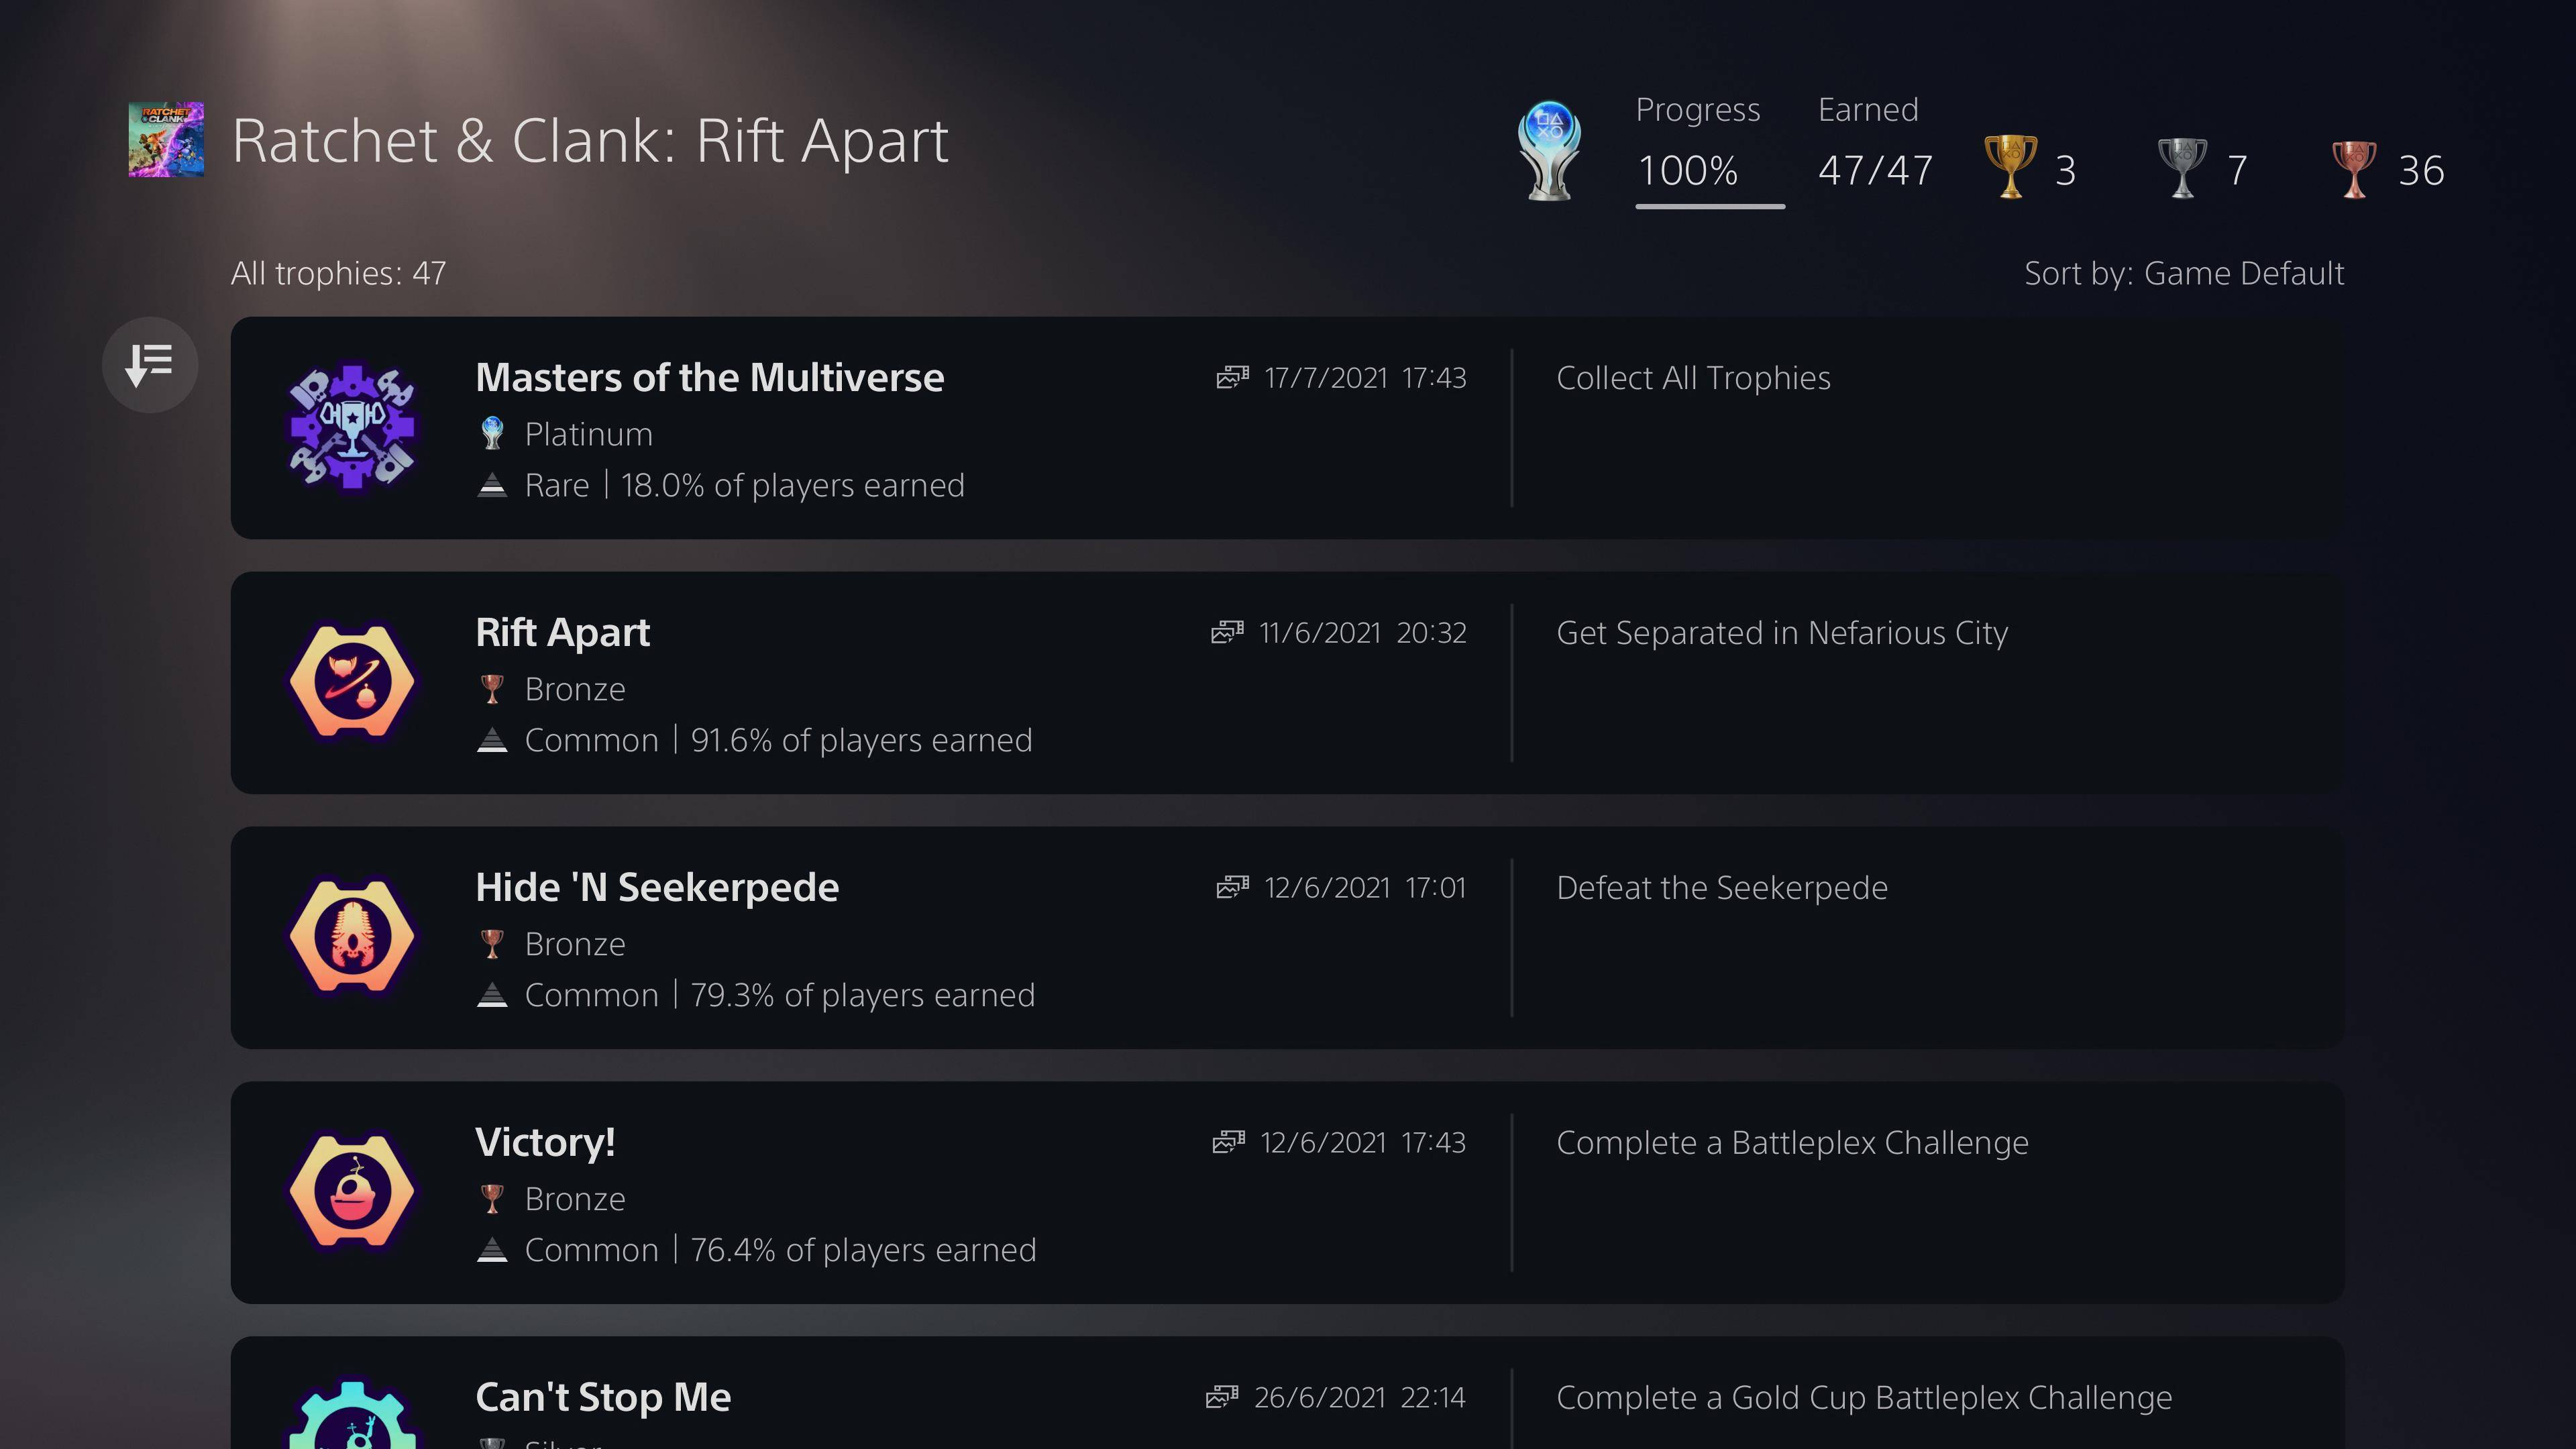 List of Ratchet & Clank: Rift Apart Trophies